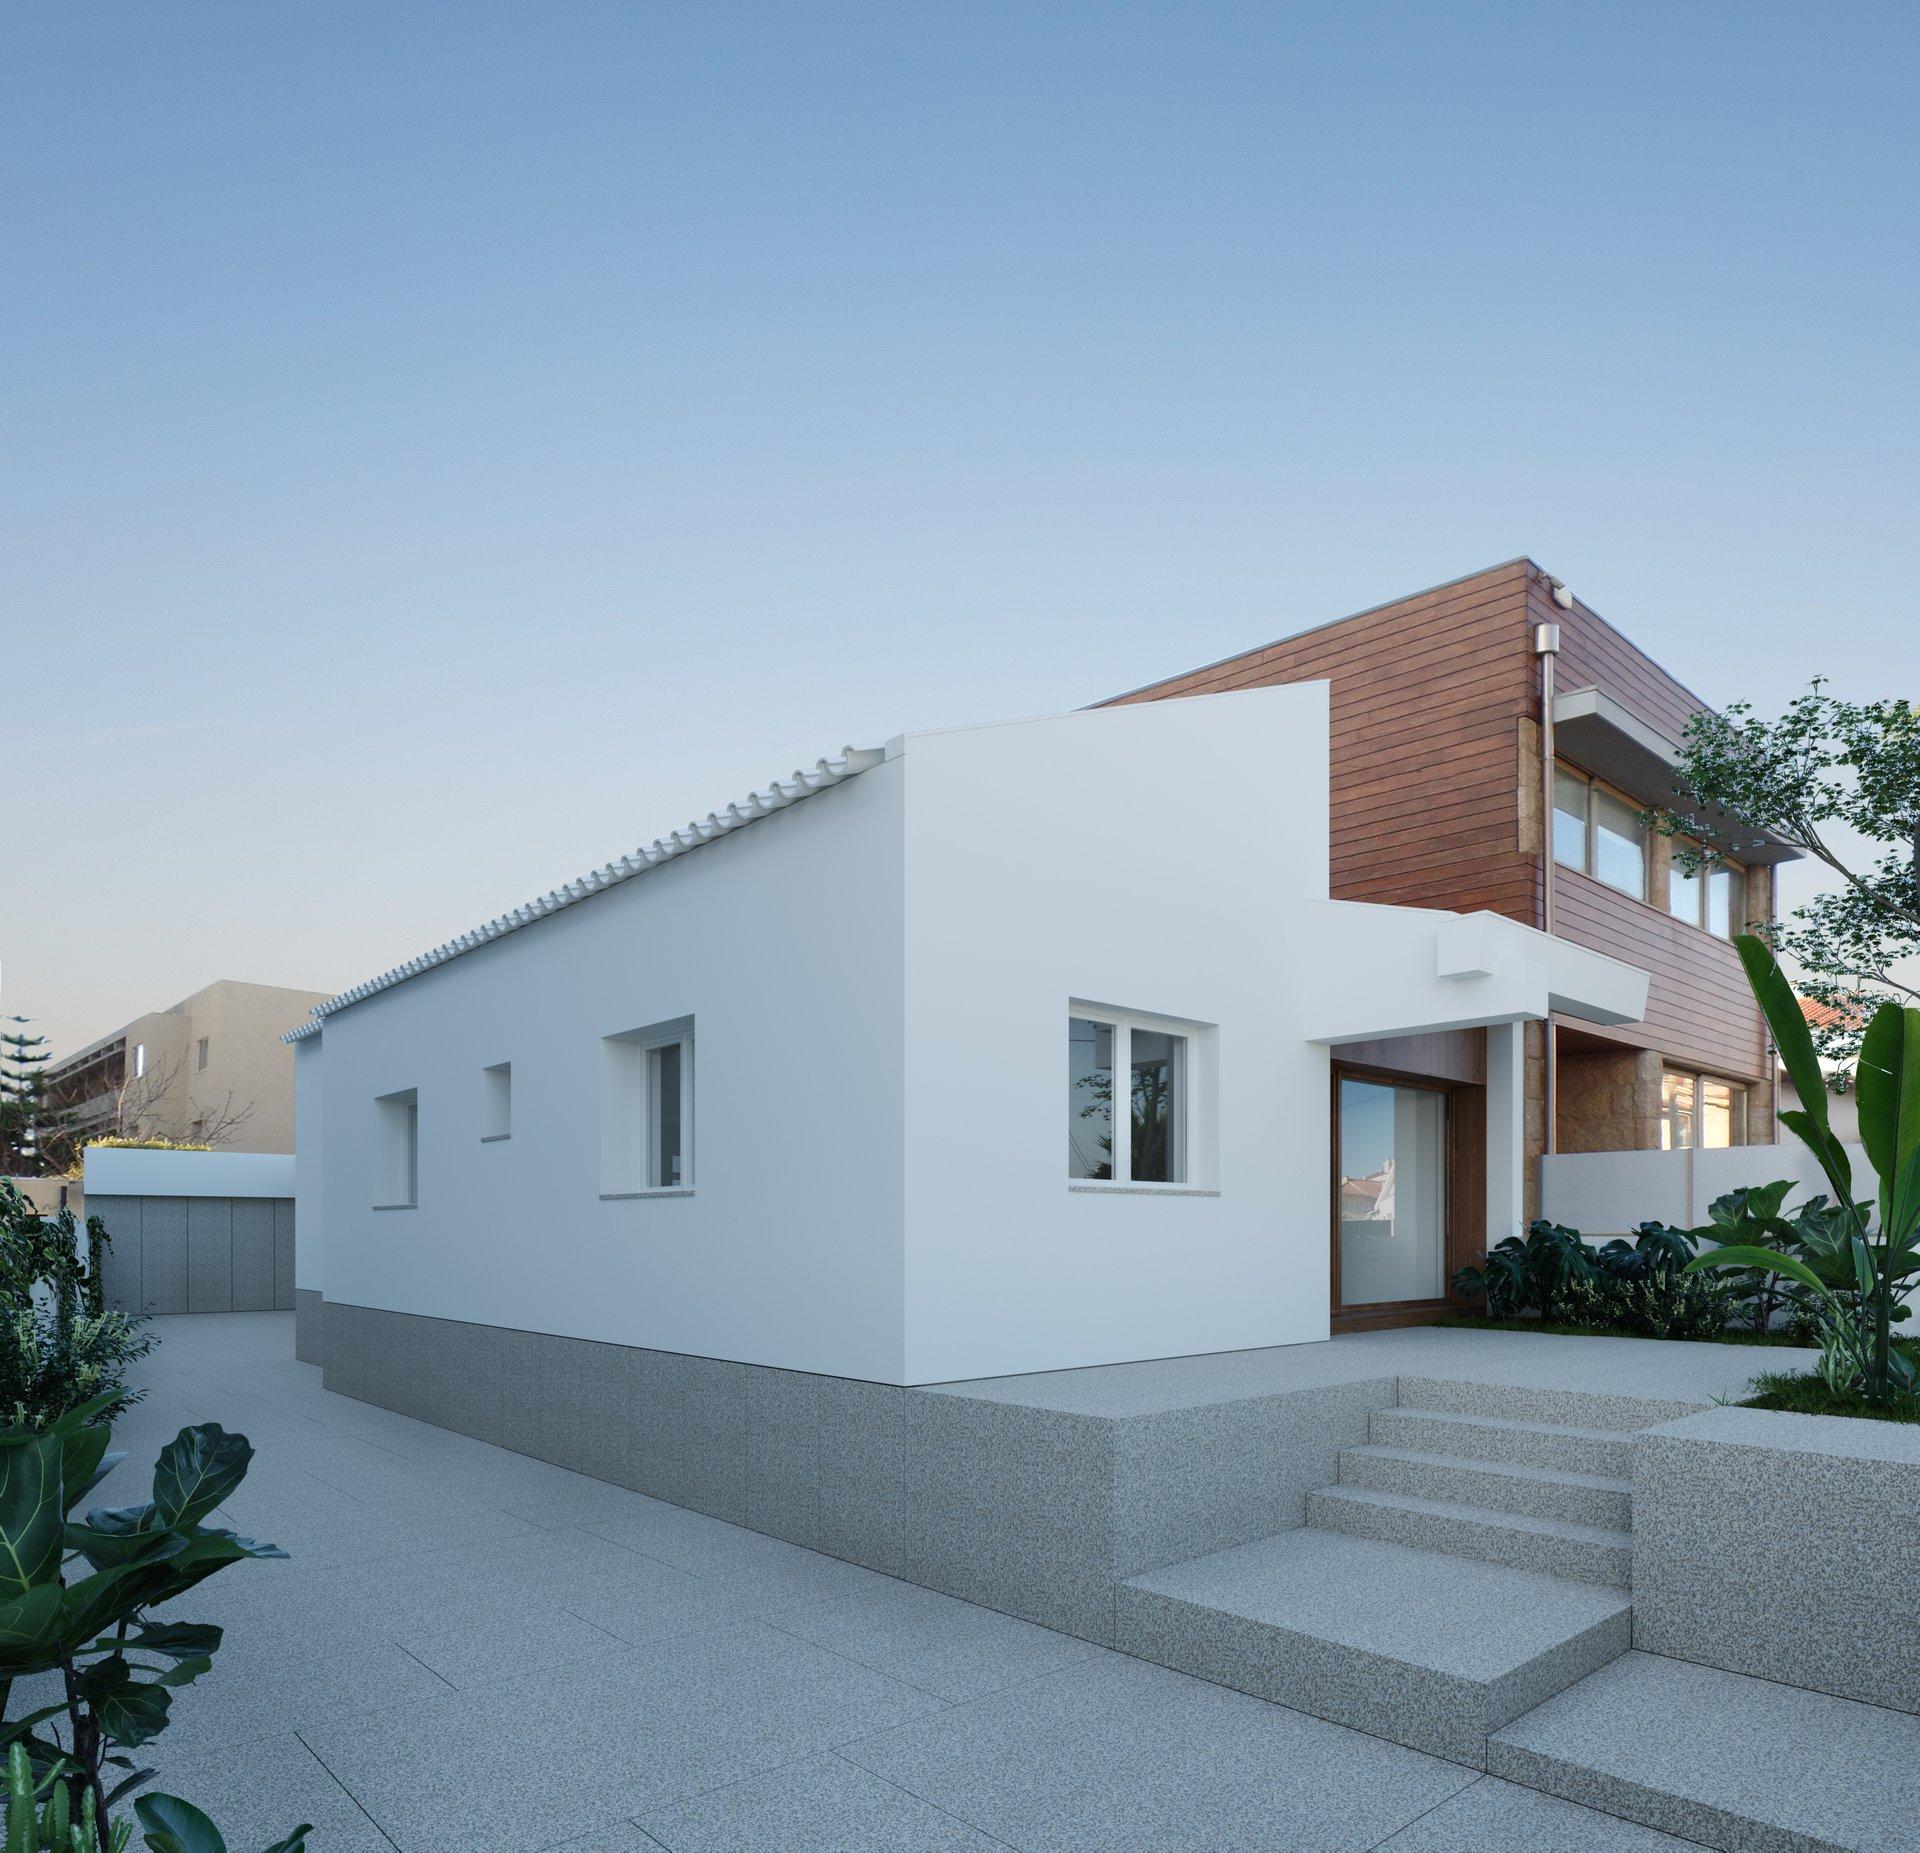 3 Bedroom Villa Vila Nova de Gaia, Porto Ref: AVP76